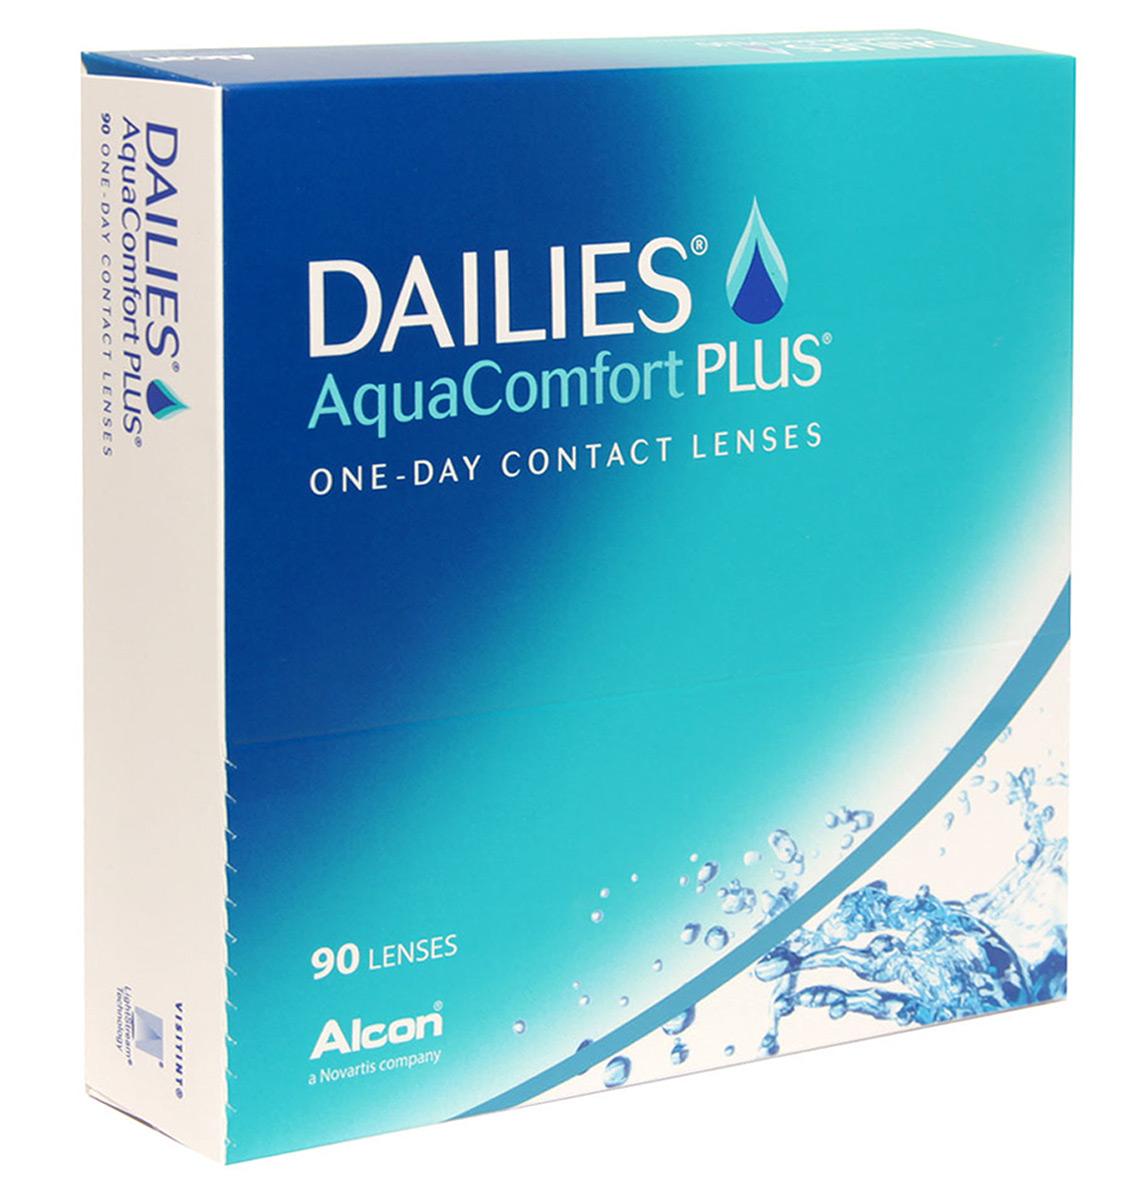 Alcon-CIBA Vision контактные линзы Dailies AquaComfort Plus (90шт / 8.7 / 14.0 / -0.75)38367Dailies AquaComfort Plus - это одни из самых популярных однодневных линз производства компании Ciba Vision. Эти линзы пользуются огромной популярностью во всем мире и являются на сегодняшний день самыми безопасными контактными линзами. Изготавливаются линзы из современного, 100% безопасного материала нелфилкон А. Особенность этого материала в том, что он легко пропускает воздух и хорошо сохраняет влагу. Однодневные контактные линзы Dailies AquaComfort Plus не нуждаются в дополнительном уходе и затратах, каждый день вы надеваете свежую пару линз. Дизайн линзы биосовместимый, что гарантирует безупречный комфорт. Самое главное достоинство Dailies AquaComfort Plus - это их уникальная система увлажнения. Благодаря этой разработке линзы увлажняются тремя различными агентами. Первый компонент, ухаживающий за линзами, находится в растворе, он как бы обволакивает линзу, обеспечивая чрезвычайно комфортное надевание. Второй агент выделяется на протяжении всего дня, он...